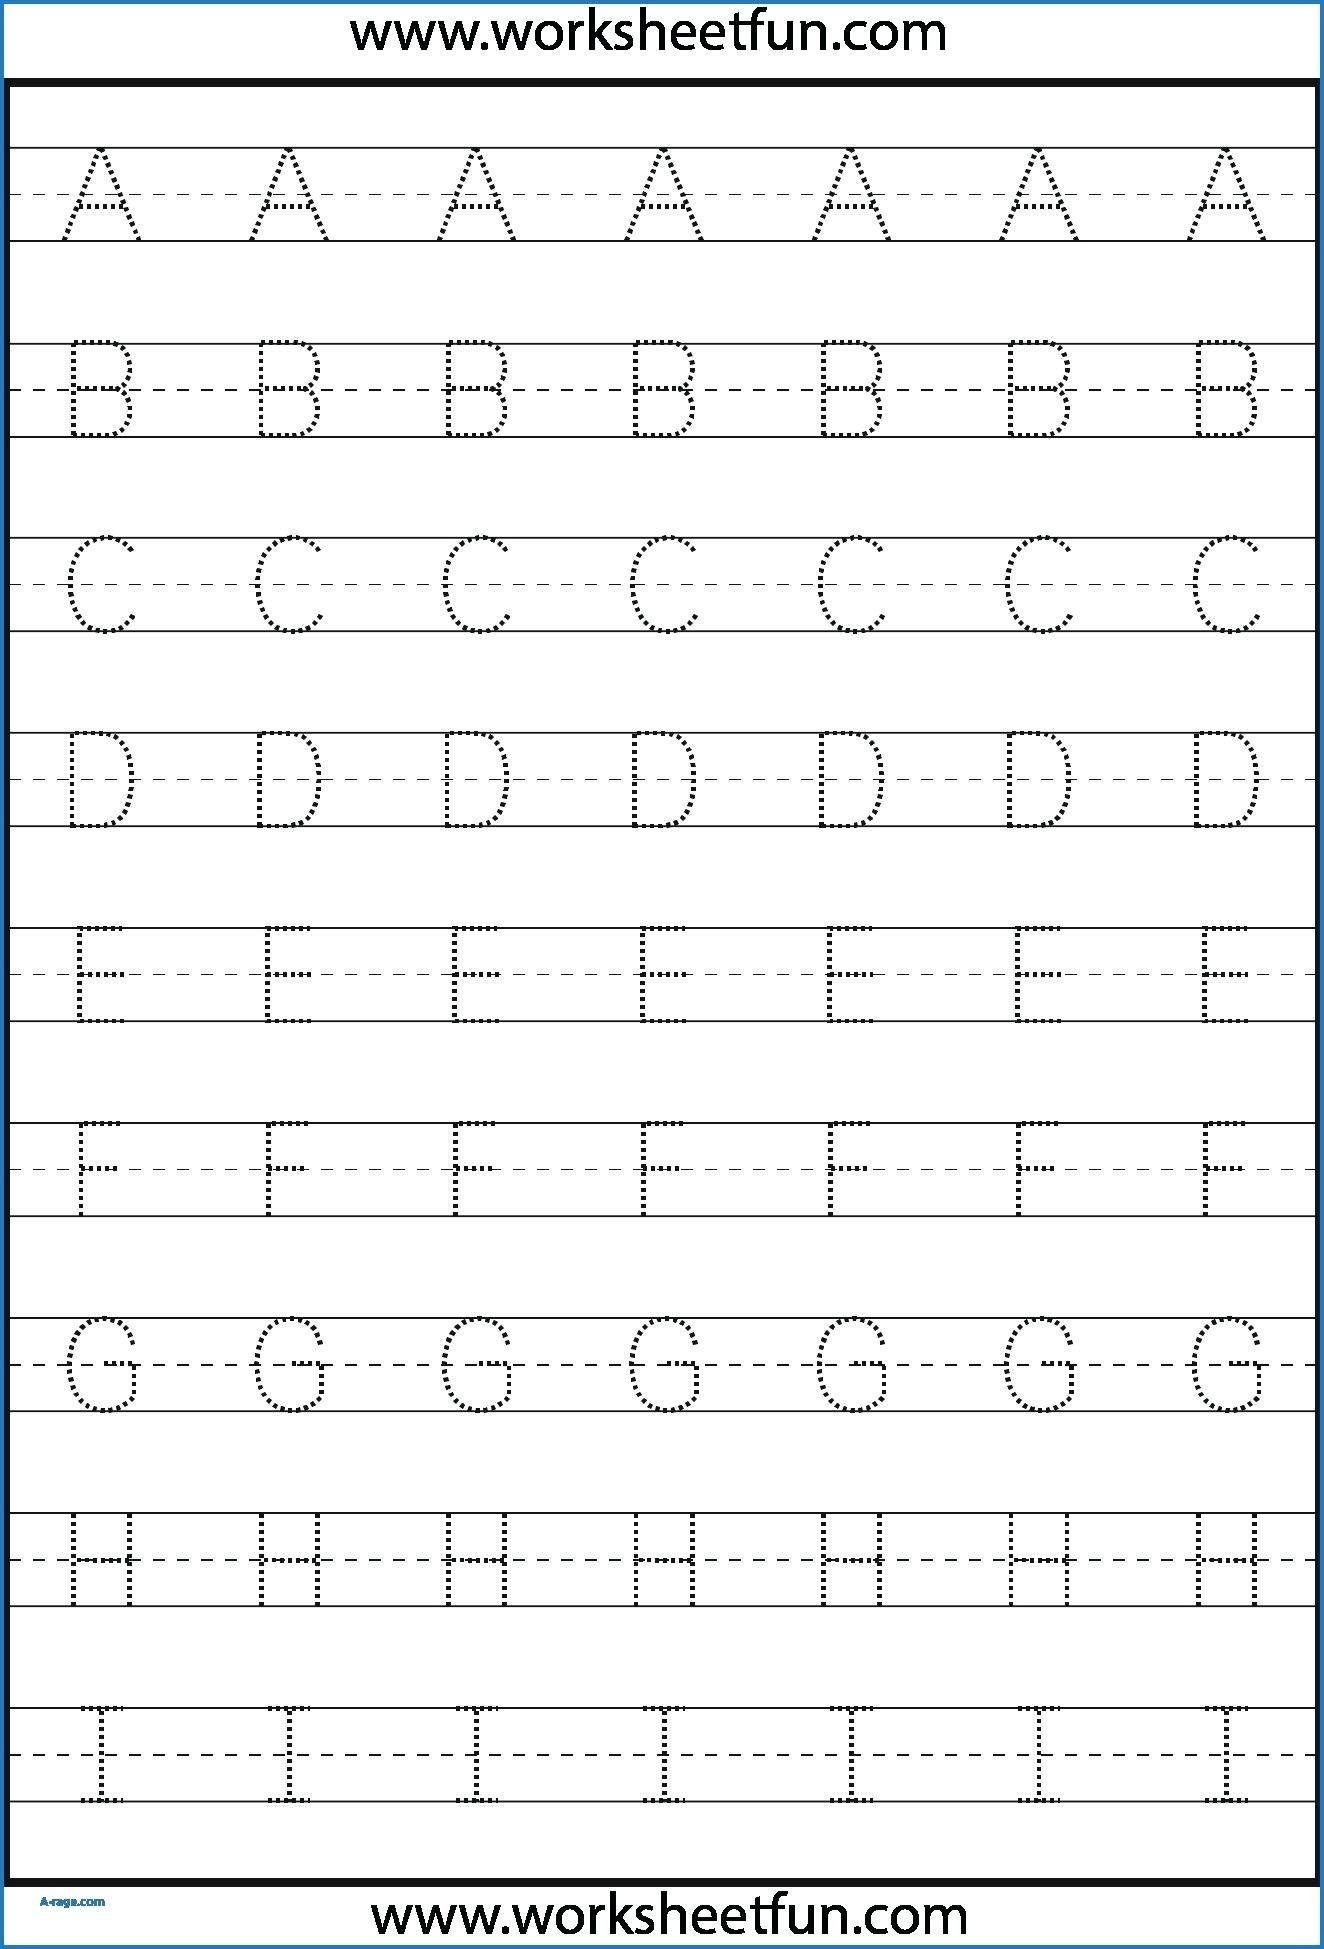 Kindergarten Letter Tracing Worksheets Pdf - Wallpaper Image inside Tracing Uppercase Letters Printable Worksheets